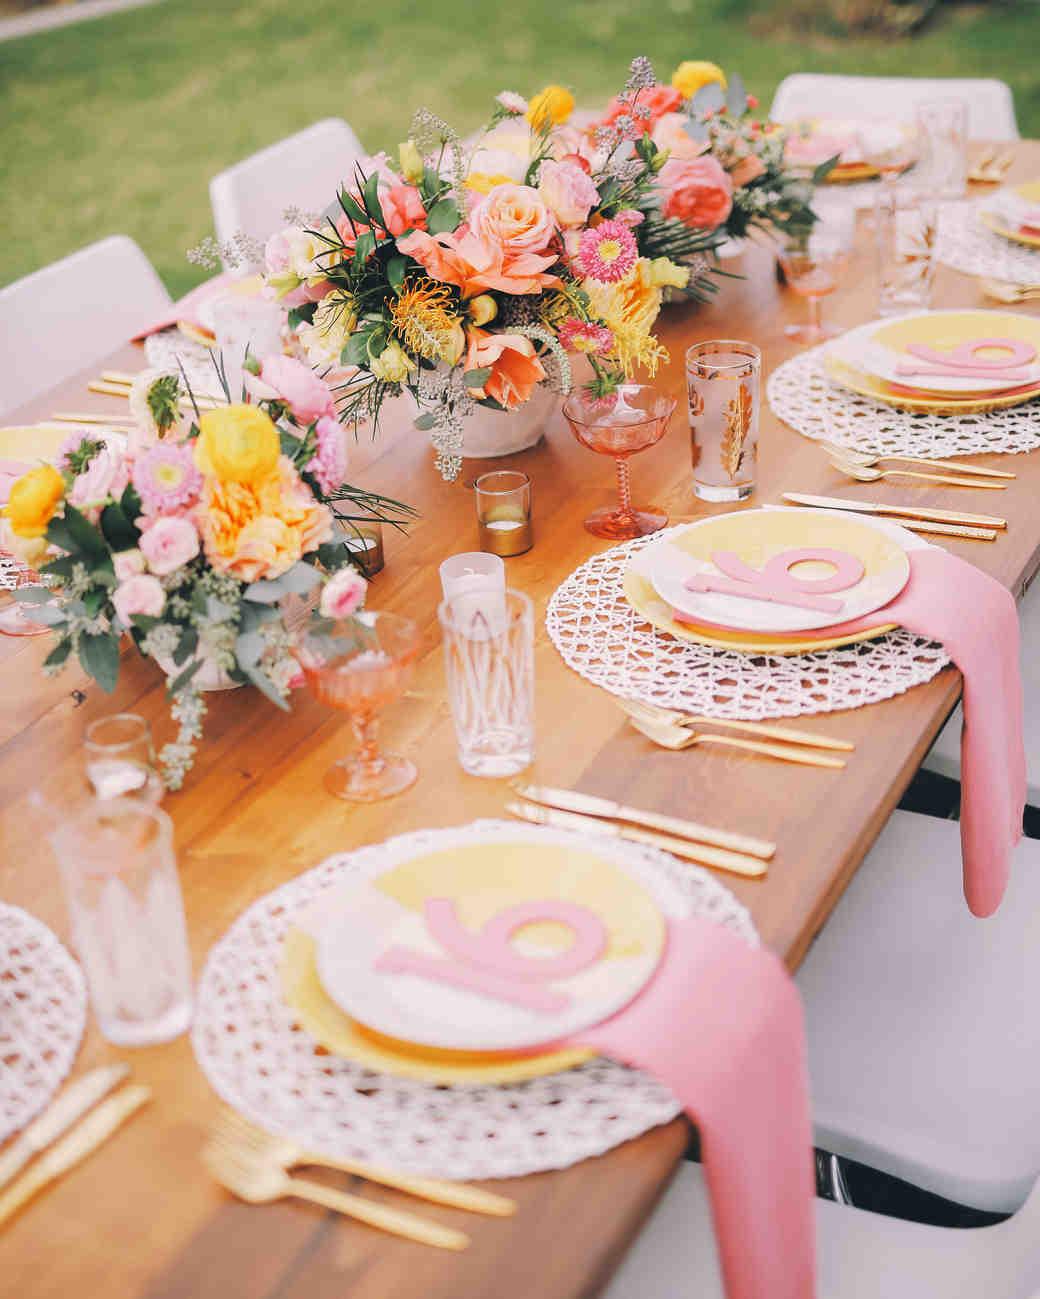 Nápady na číslovanie svadobných stolov - Obrázok č. 82